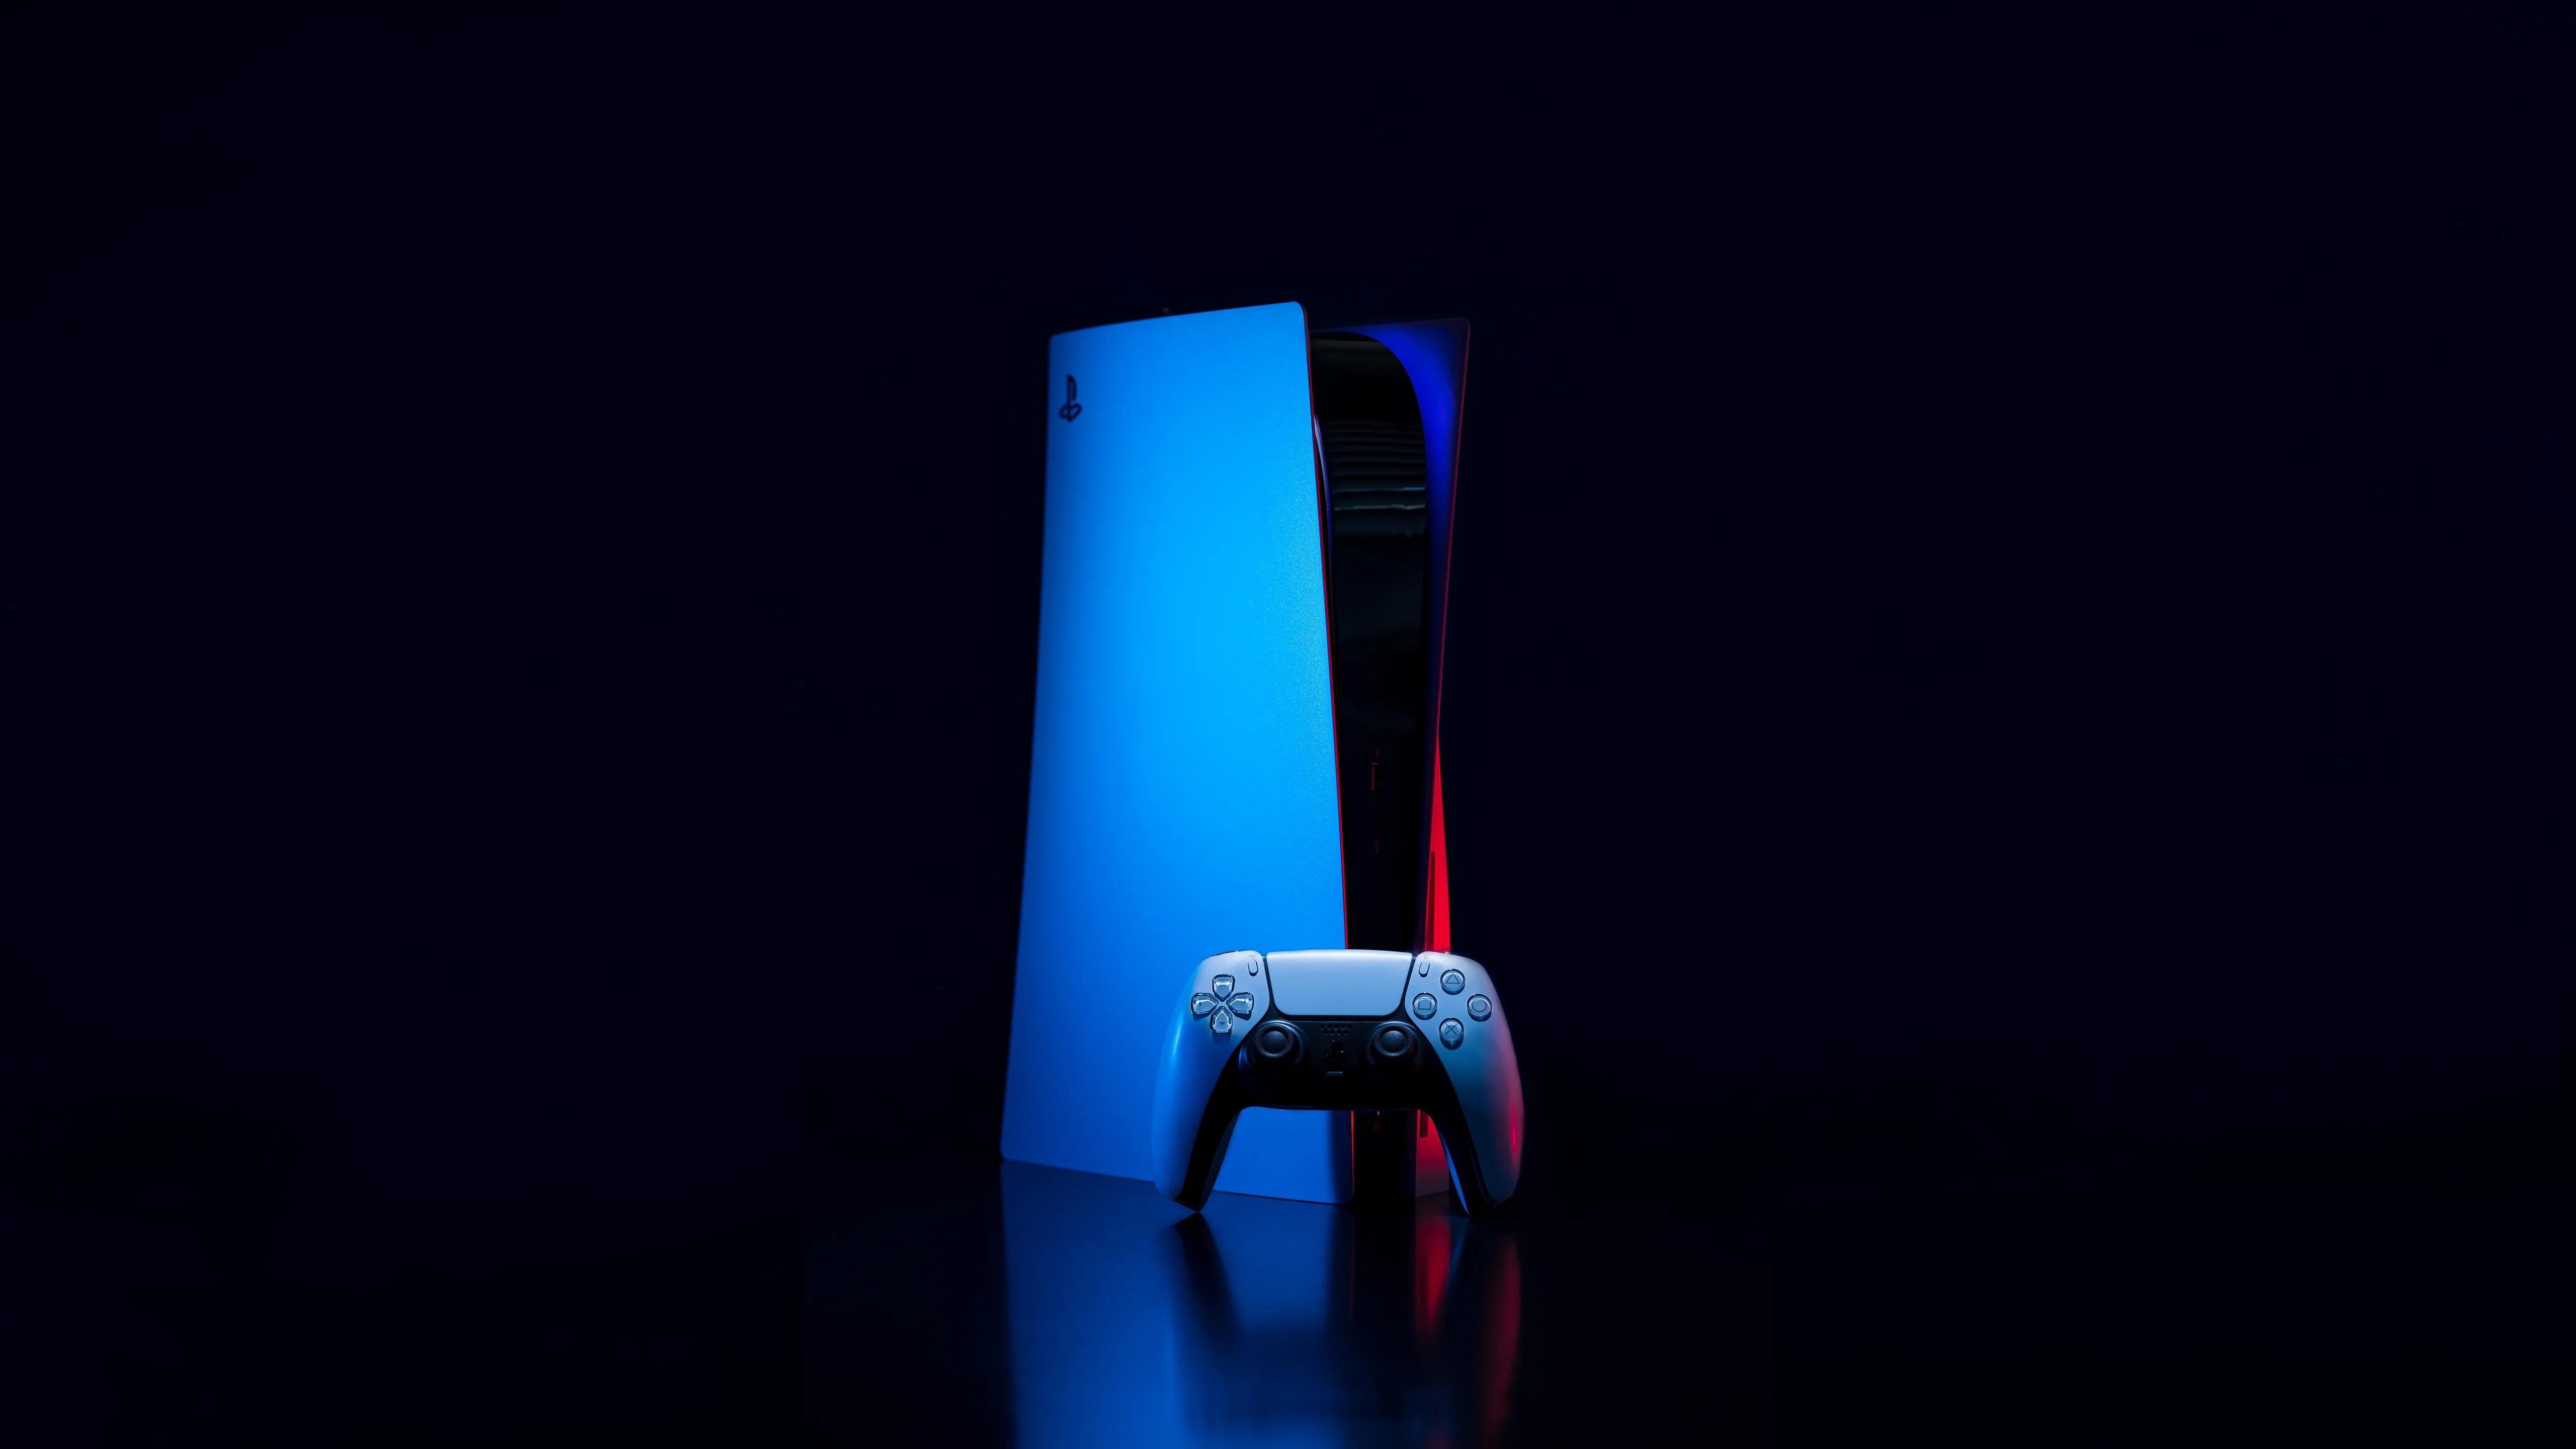 PlayStation 5 Shortages 2023, Horizon Forbidden West Delay